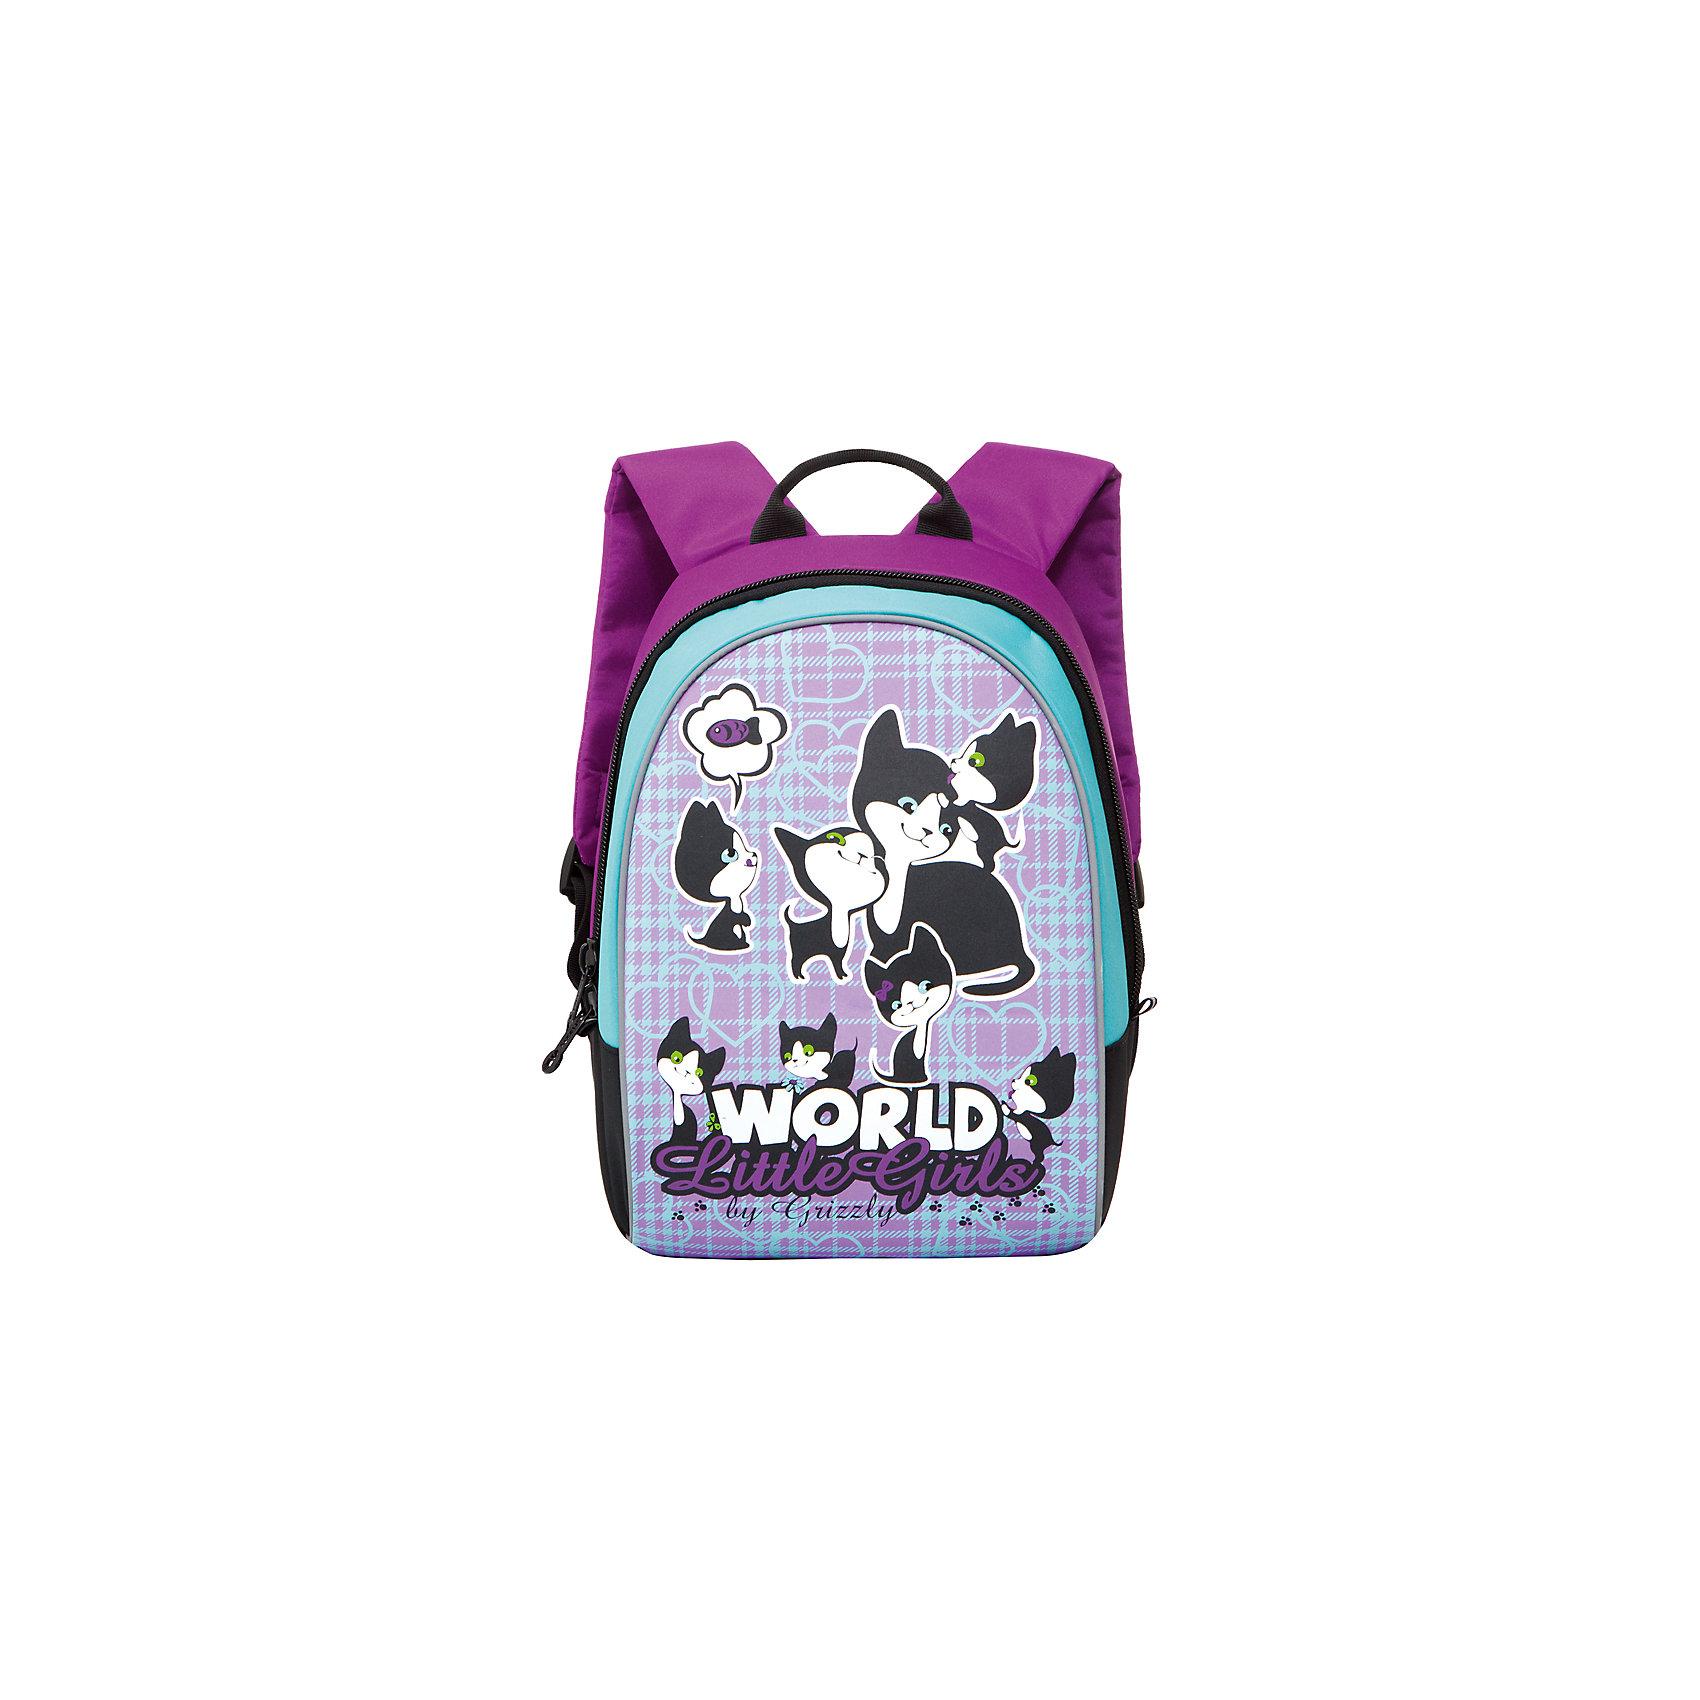 Grizzly Рюкзак школьный , фиолетово-бирюзовыйРюкзаки<br>Школьный рюкзак, фиолетово-бирюзовый, Grizzly (Гризли) ? рюкзак отечественного бренда Гризли школьной серии.  Рюкзак  выполнен из нейлона высокого качества, что обеспечивает, с одной стороны, легкий вес, а с другой ? надежность и прочность. Все швы выполнены капроновыми нитками, что делает швы особенно крепкими и устойчивыми к износу даже в течение нескольких лет. <br>Внутреннее устройство рюкзака состоит одного отсека и внутреннего кармана. Удобство и эргономичность рюкзака создается за счет укрепленной спинки, укрепленных лямок и мягкой ручки. С четырех сторон рюкзака имеются светоотражающие элементы. Уникальность рюкзаков Grizzly заключается в том, что анатомическая спинка изготовлена из специальной ткани, которая пропускает воздух, тем самым защищает спину от повышенного потоотделения.<br>Все рюкзаки школьной серии Grizzly (Гризли) имеют оригинальный современный дизайн. Школьный рюкзак, фиолетово-бирюзовый, Grizzly (Гризли) выполнен в ярких цветах. Передний карман украшен большой яркой аппликацией, изображающей кошку с котятами.<br>Школьный рюкзак, фиолетово-бирюзовый, Grizzly (Гризли) ? это качество материалов, удобство, стиль и долговечность использования. <br><br>Дополнительная информация:<br><br>- Вес: 388 г<br>- Габариты (Д*Г*В): 27*16*35 см<br>- Цвет: фиолетовый, бирюзовый<br>- Материал: нейлон <br>- Сезон: круглый год<br>- Коллекция: школьная <br>- Год коллекции: 2016 <br>- Пол: женский<br>- Предназначение: для школы<br>- Особенности ухода: можно чистить влажной щеткой или губкой, допускается ручная стирка<br><br>Подробнее:<br><br>• Для школьников в возрасте: от 6 лет и до 10 лет<br>• Страна производитель: Китай<br>• Торговый бренд: Grizzly<br><br>Школьный рюкзак, фиолетово-бирюзовый, Grizzly (Гризли) можно купить в нашем интернет-магазине.<br><br>Ширина мм: 270<br>Глубина мм: 160<br>Высота мм: 350<br>Вес г: 388<br>Возраст от месяцев: 60<br>Возраст до месяцев: 96<br>Пол: Женский<br>Возраст: Детский<b